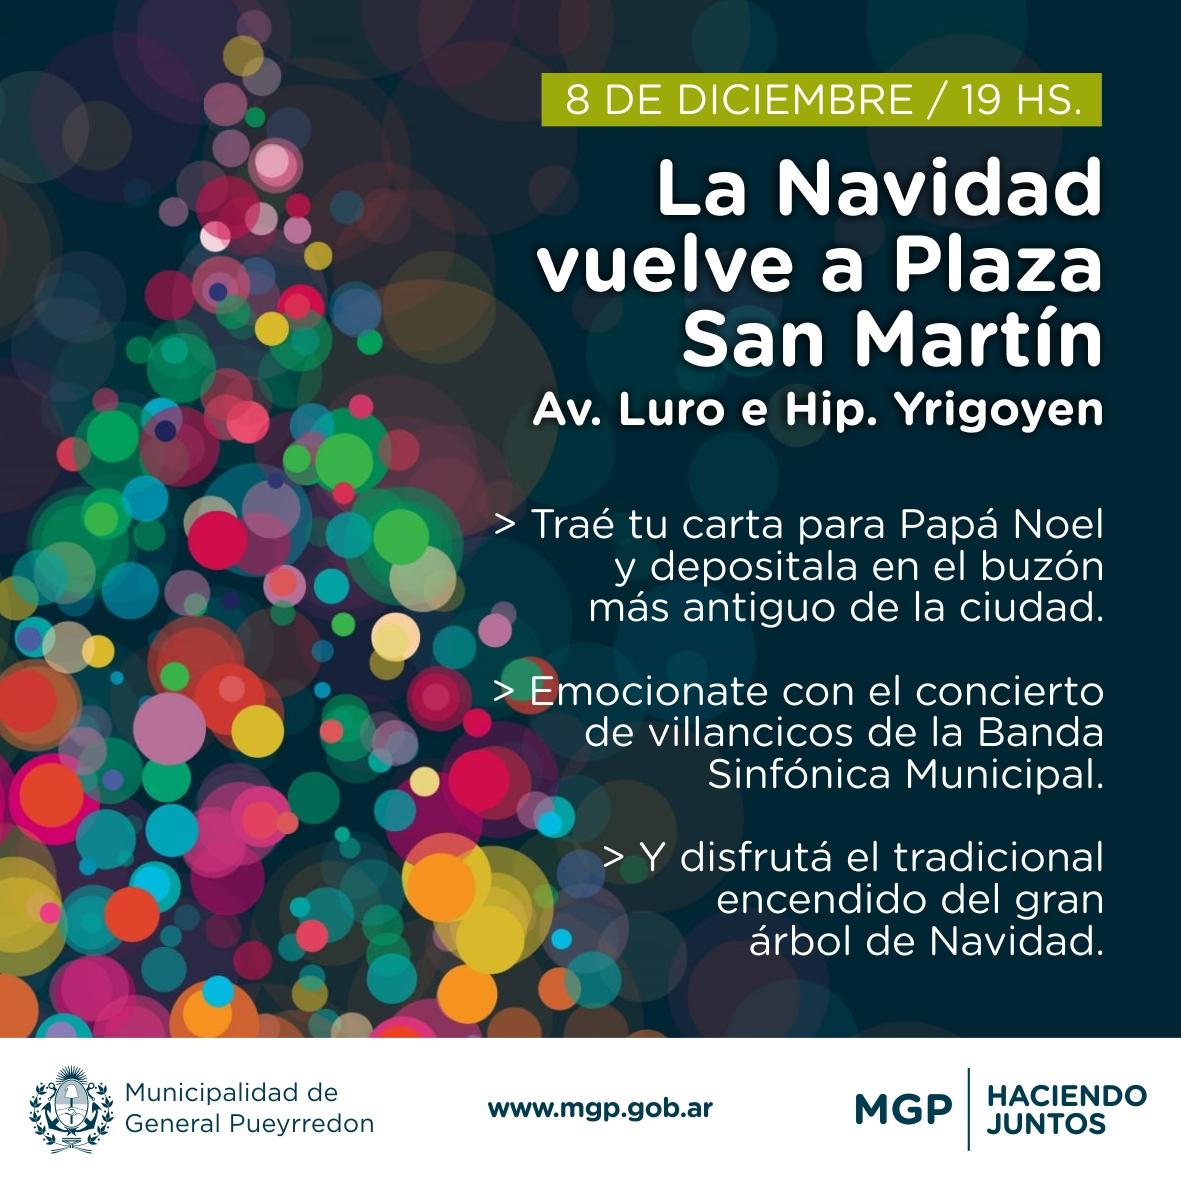 La Navidad vuelve a Plaza San Martín